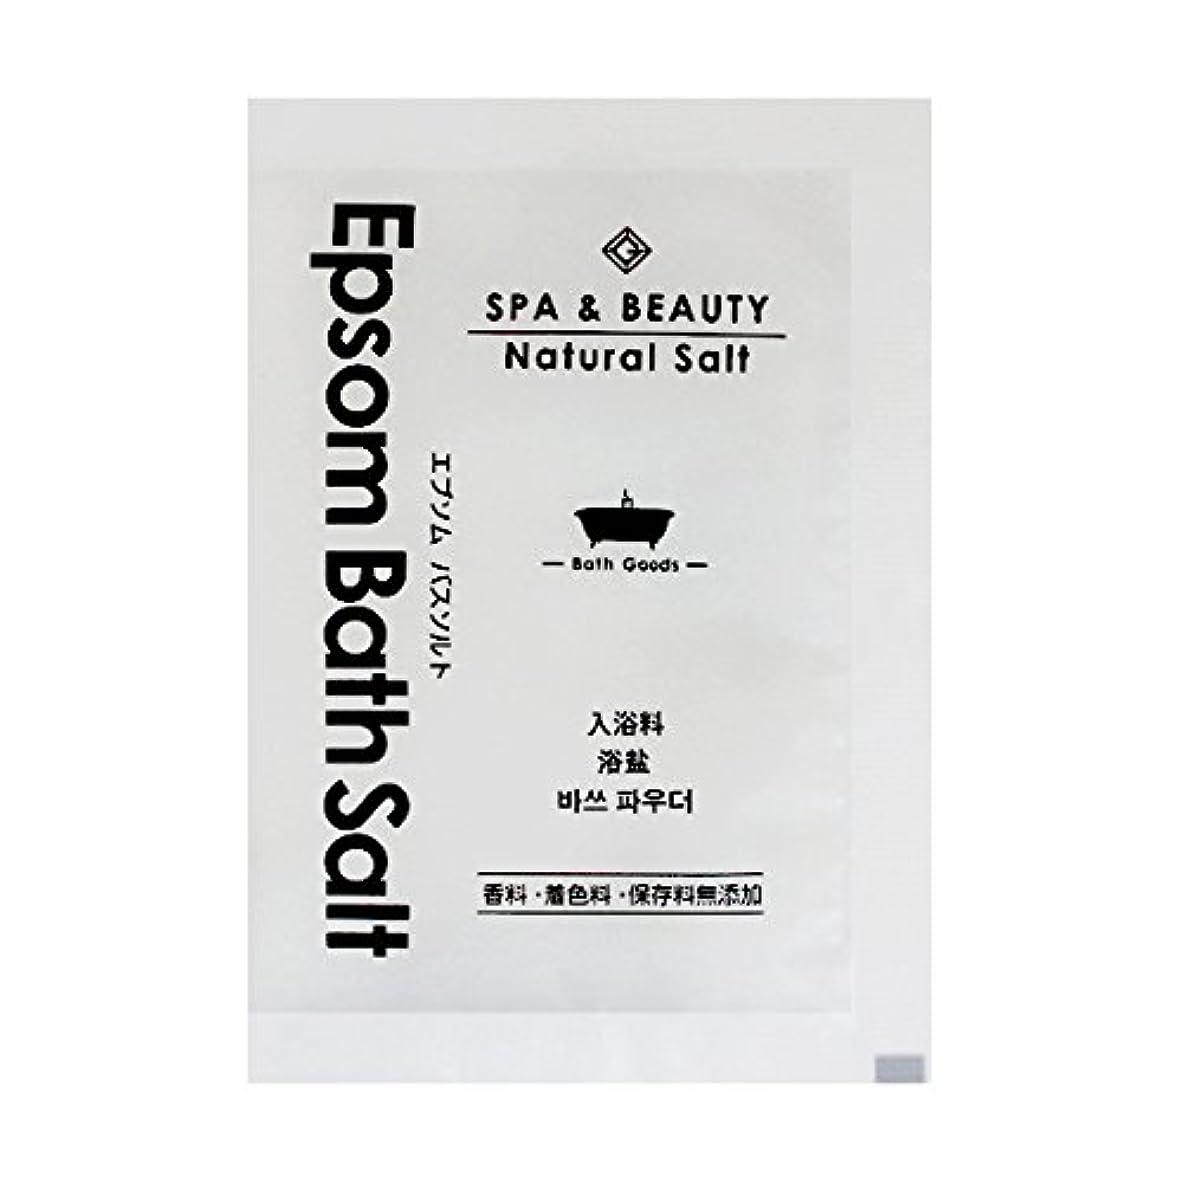 形成後世肥沃な入浴剤 エプソム バスソルト 24個